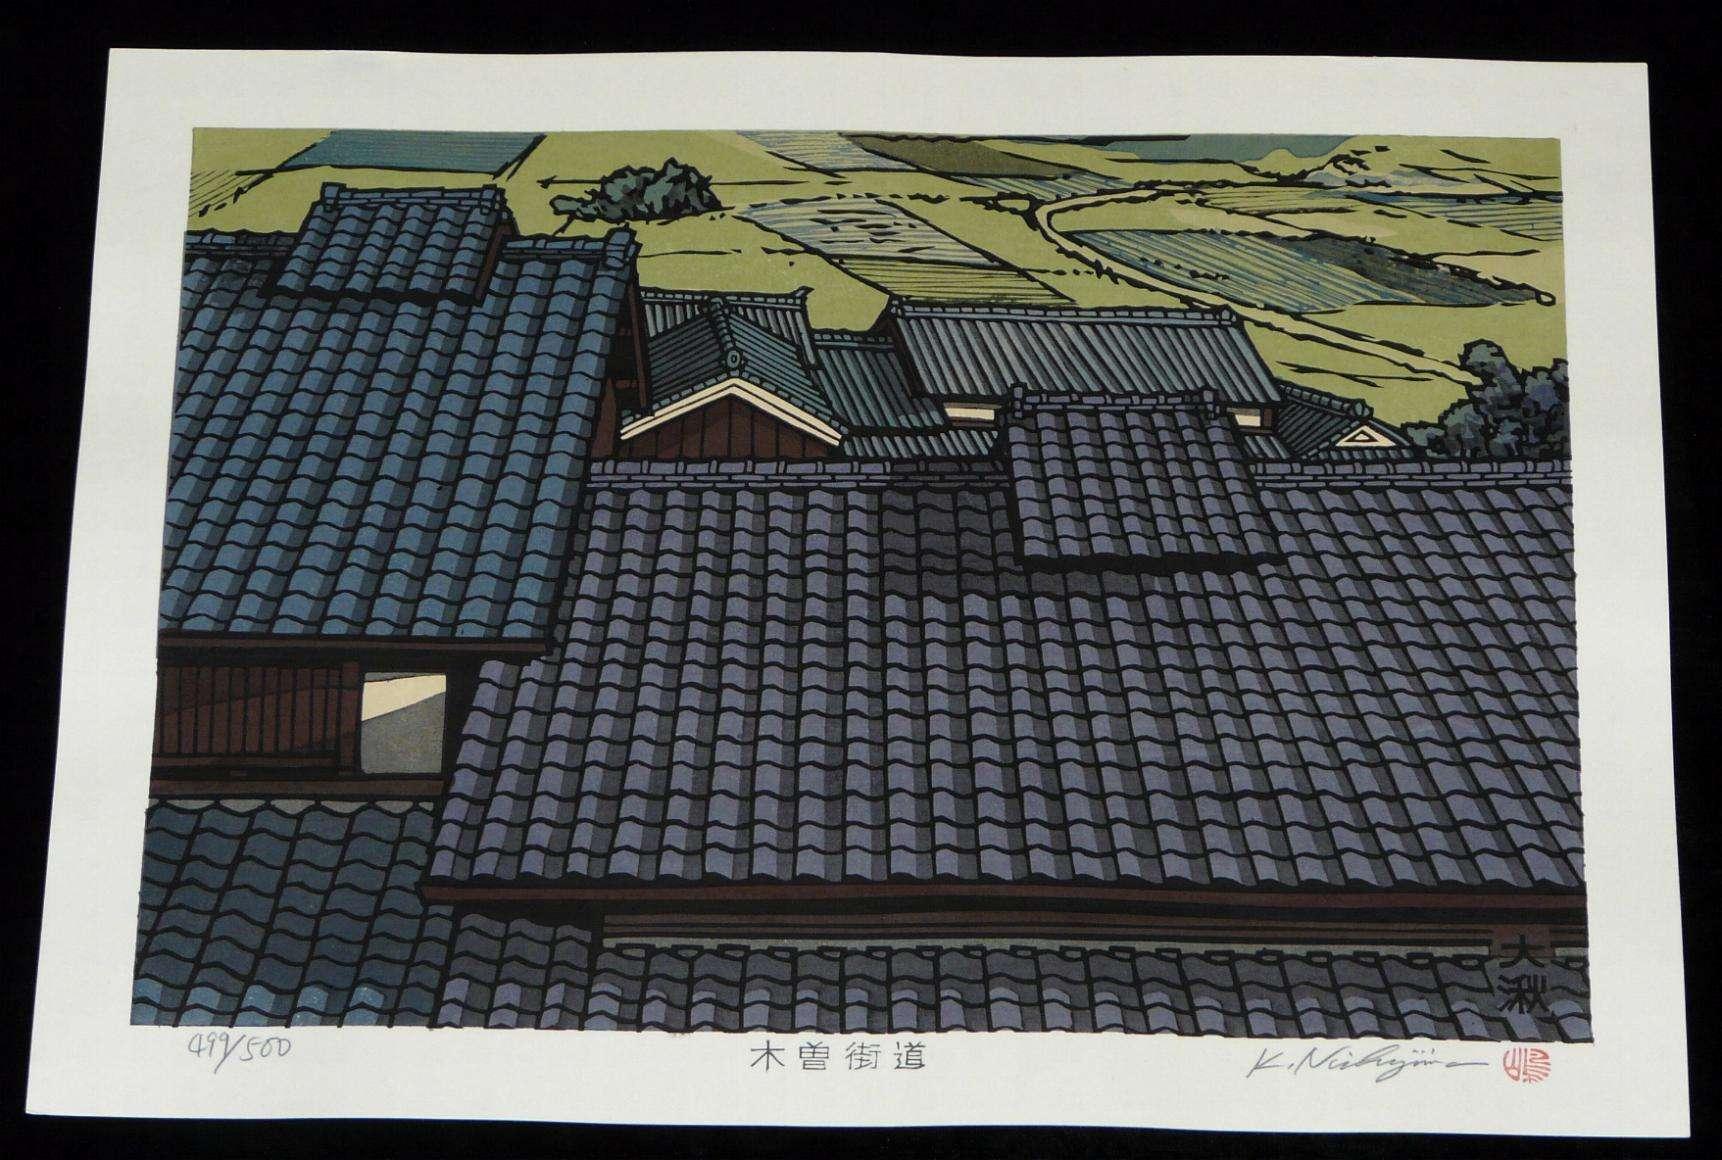 Katsuyuki Nishijima: #P2627 ROOF OF SHOGOIN TEMPLE, KYOTO